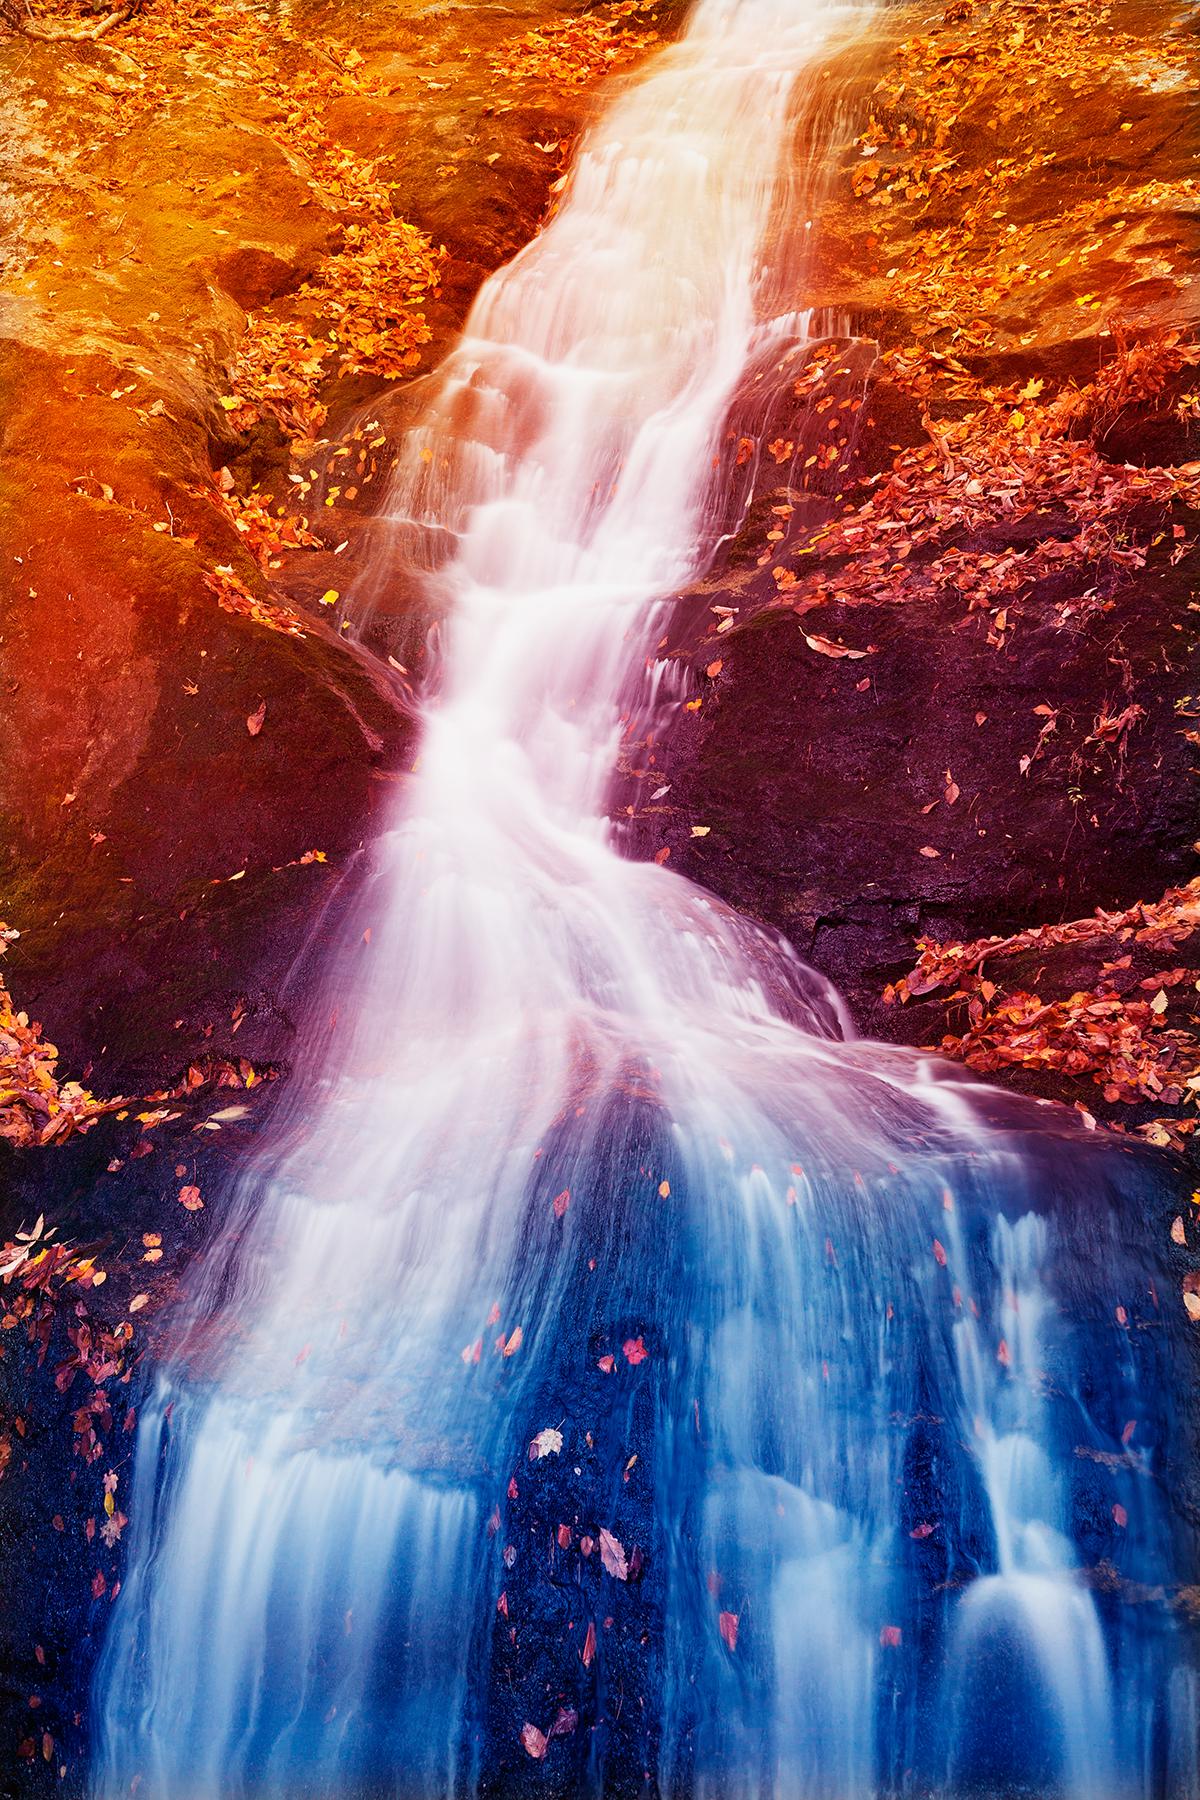 Crabtree Fantasy Falls, America, Pouring, Shades, Shade, HQ Photo